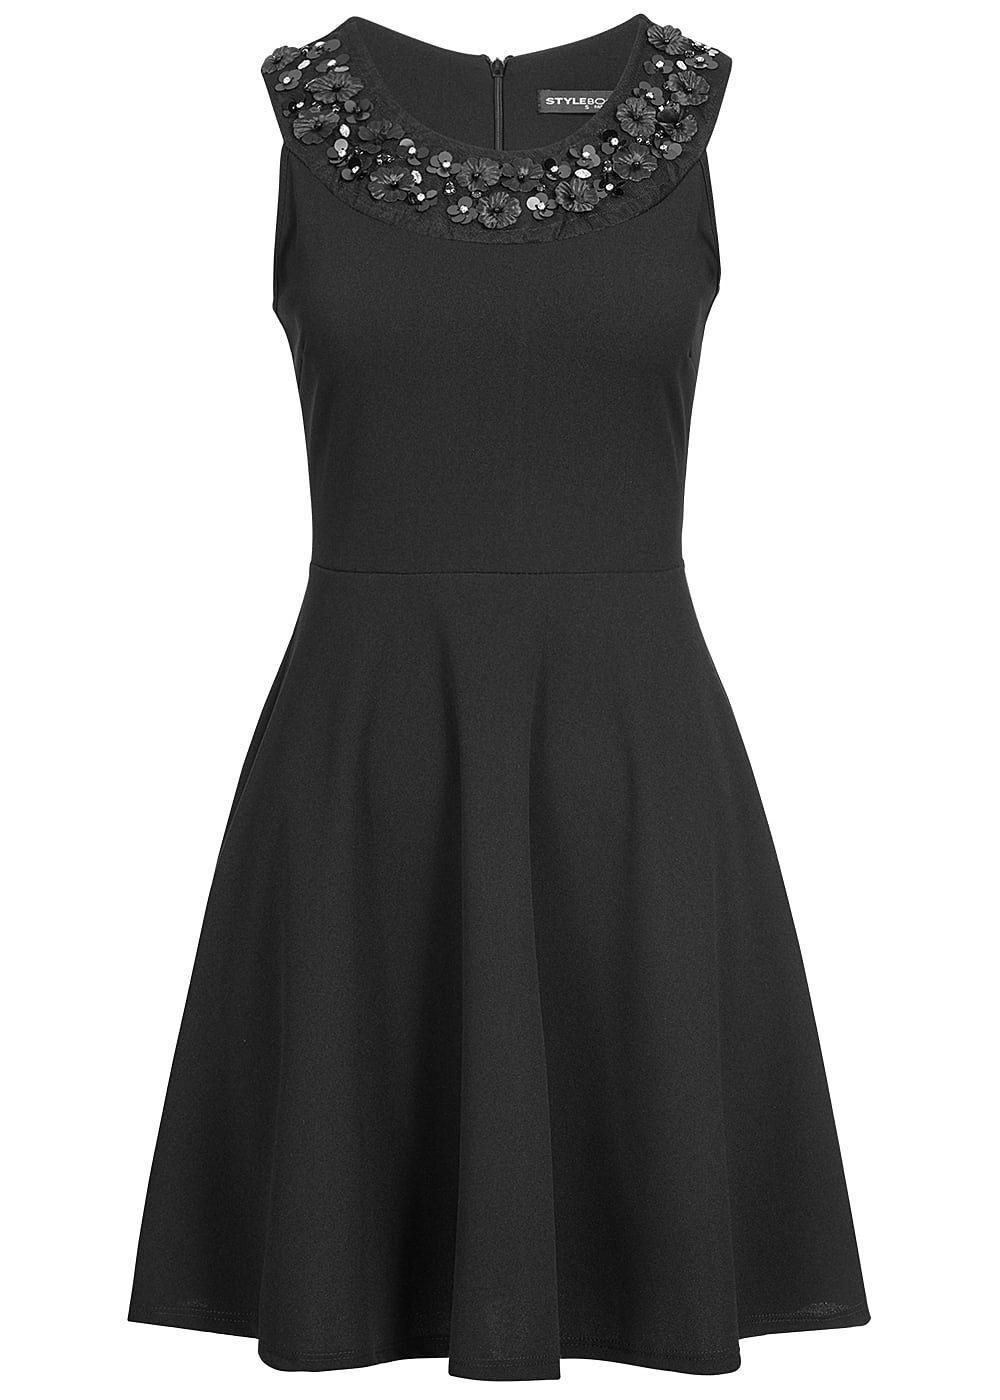 37% OFF B19056321 Damen Violet Kleid kurz mit Spitze & Pailletten Zipper schwarz